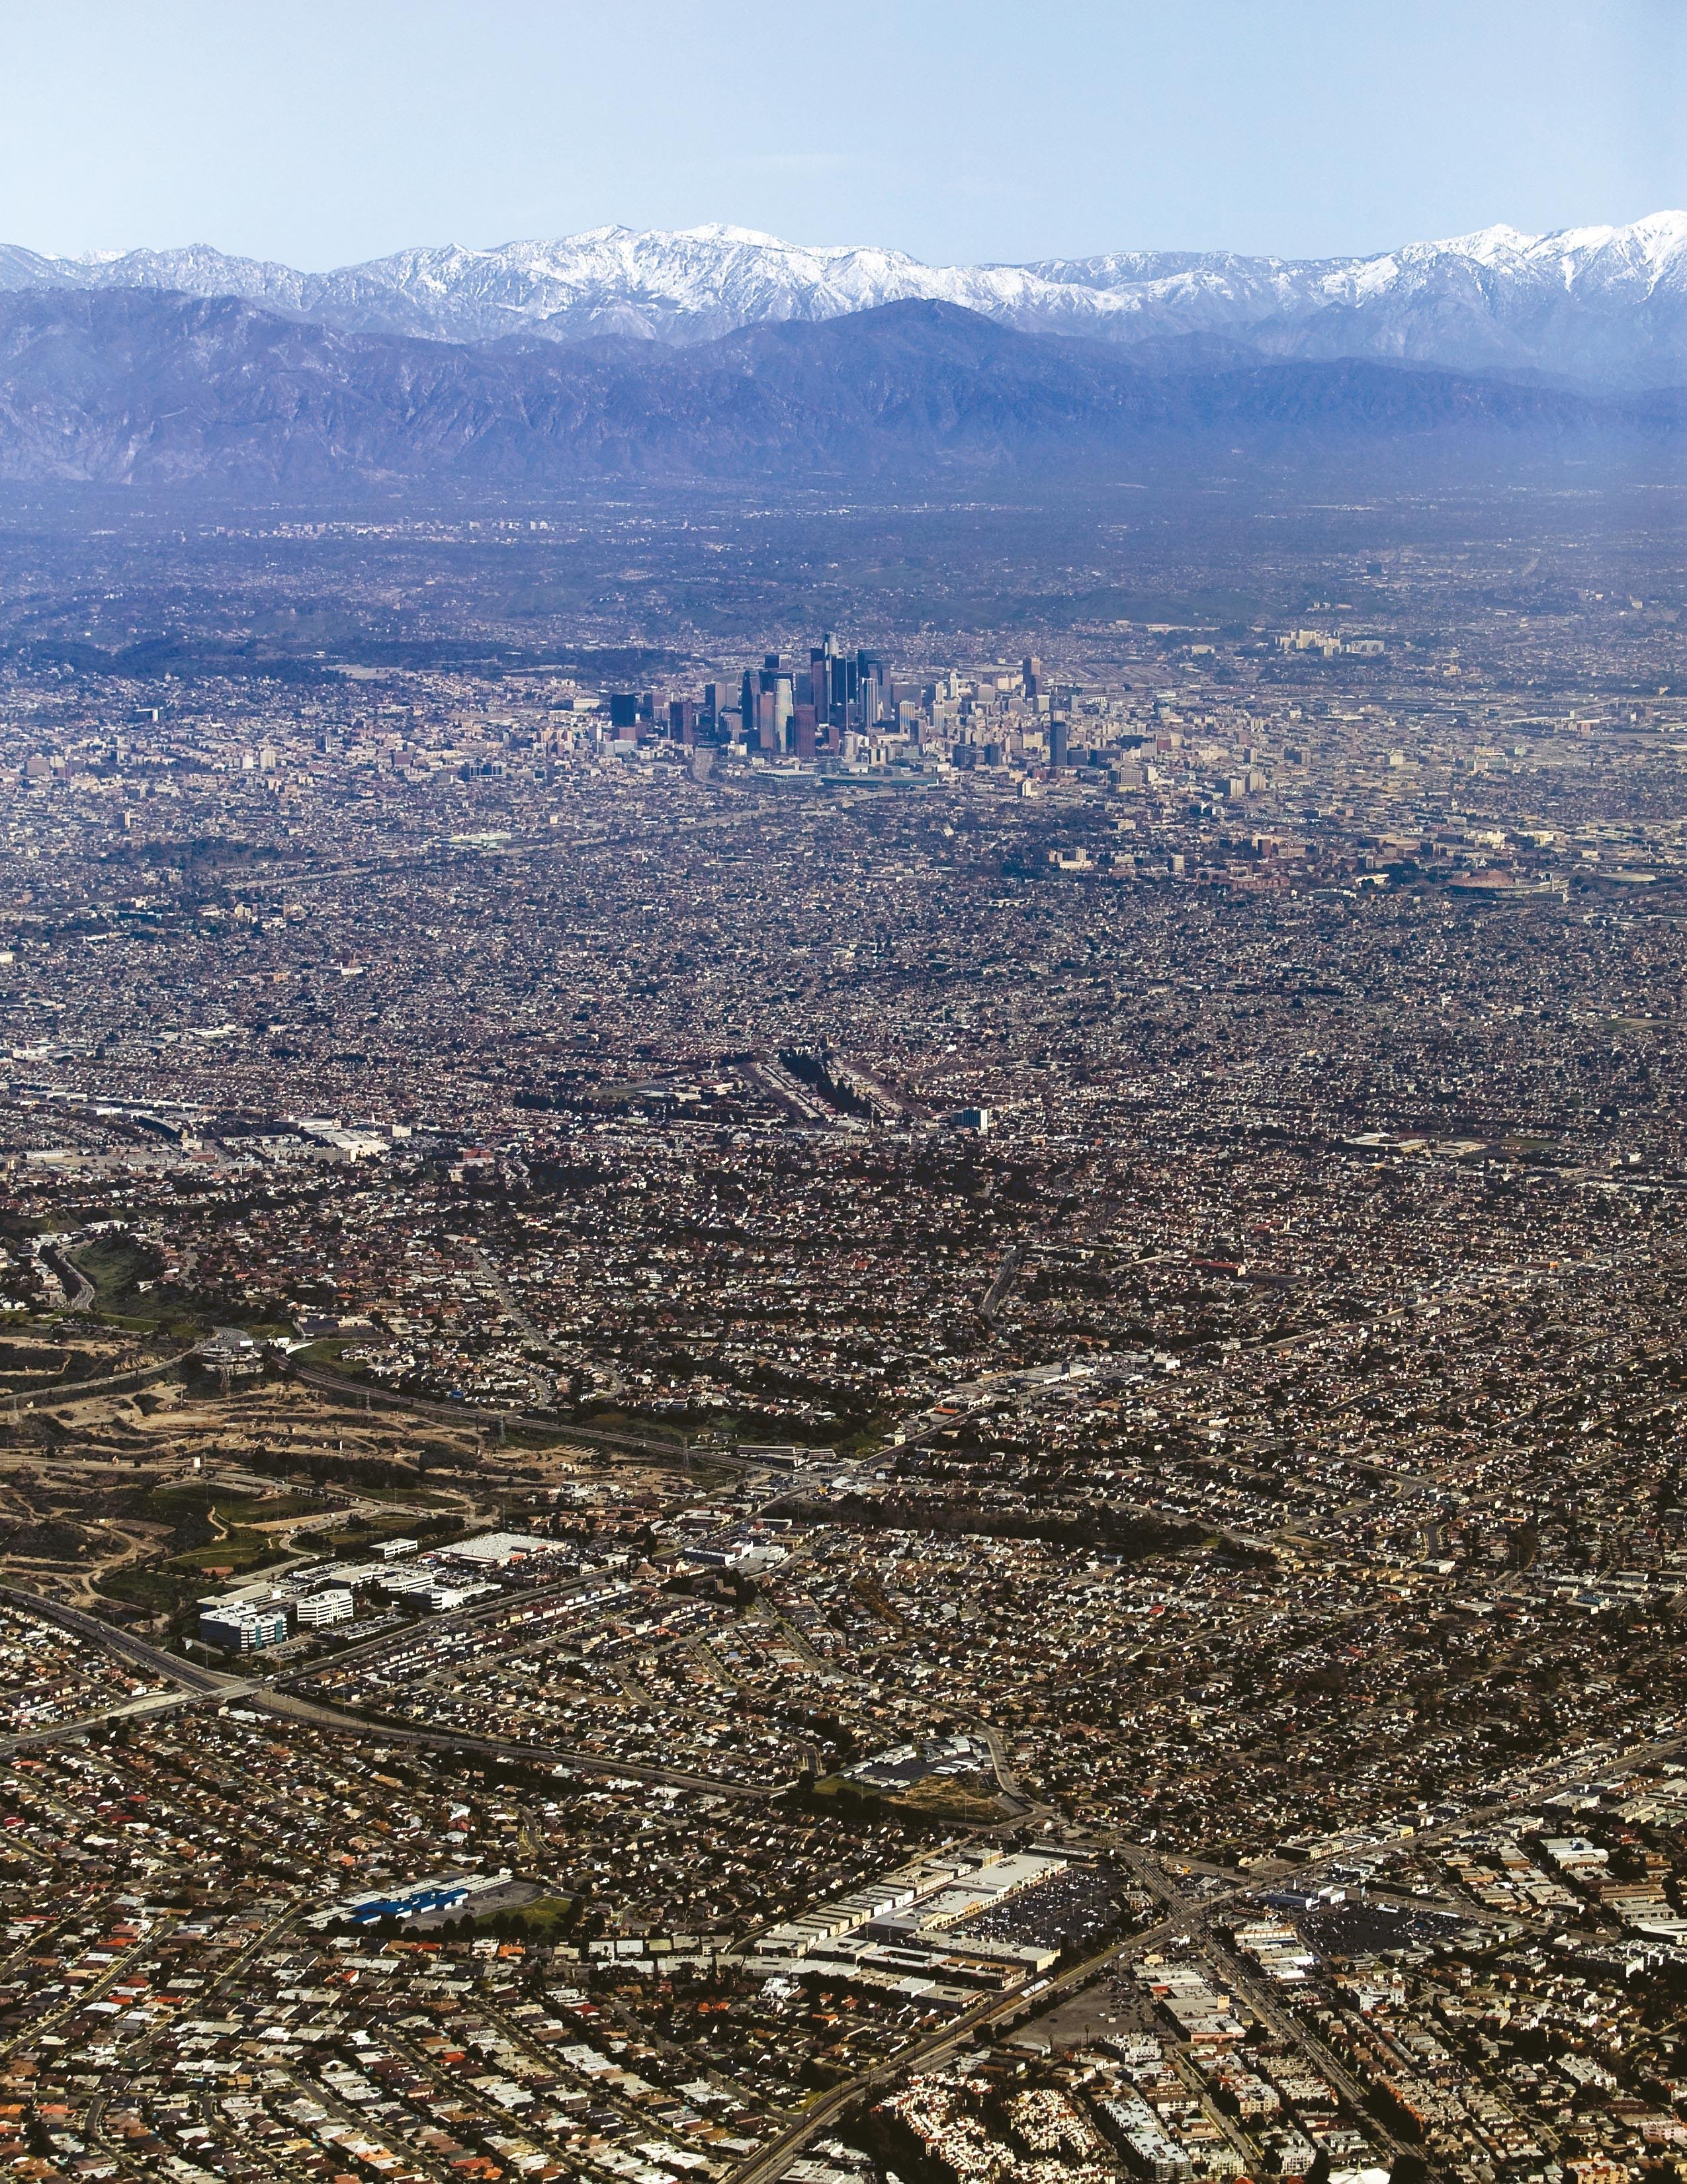 La ville de Los Angeles